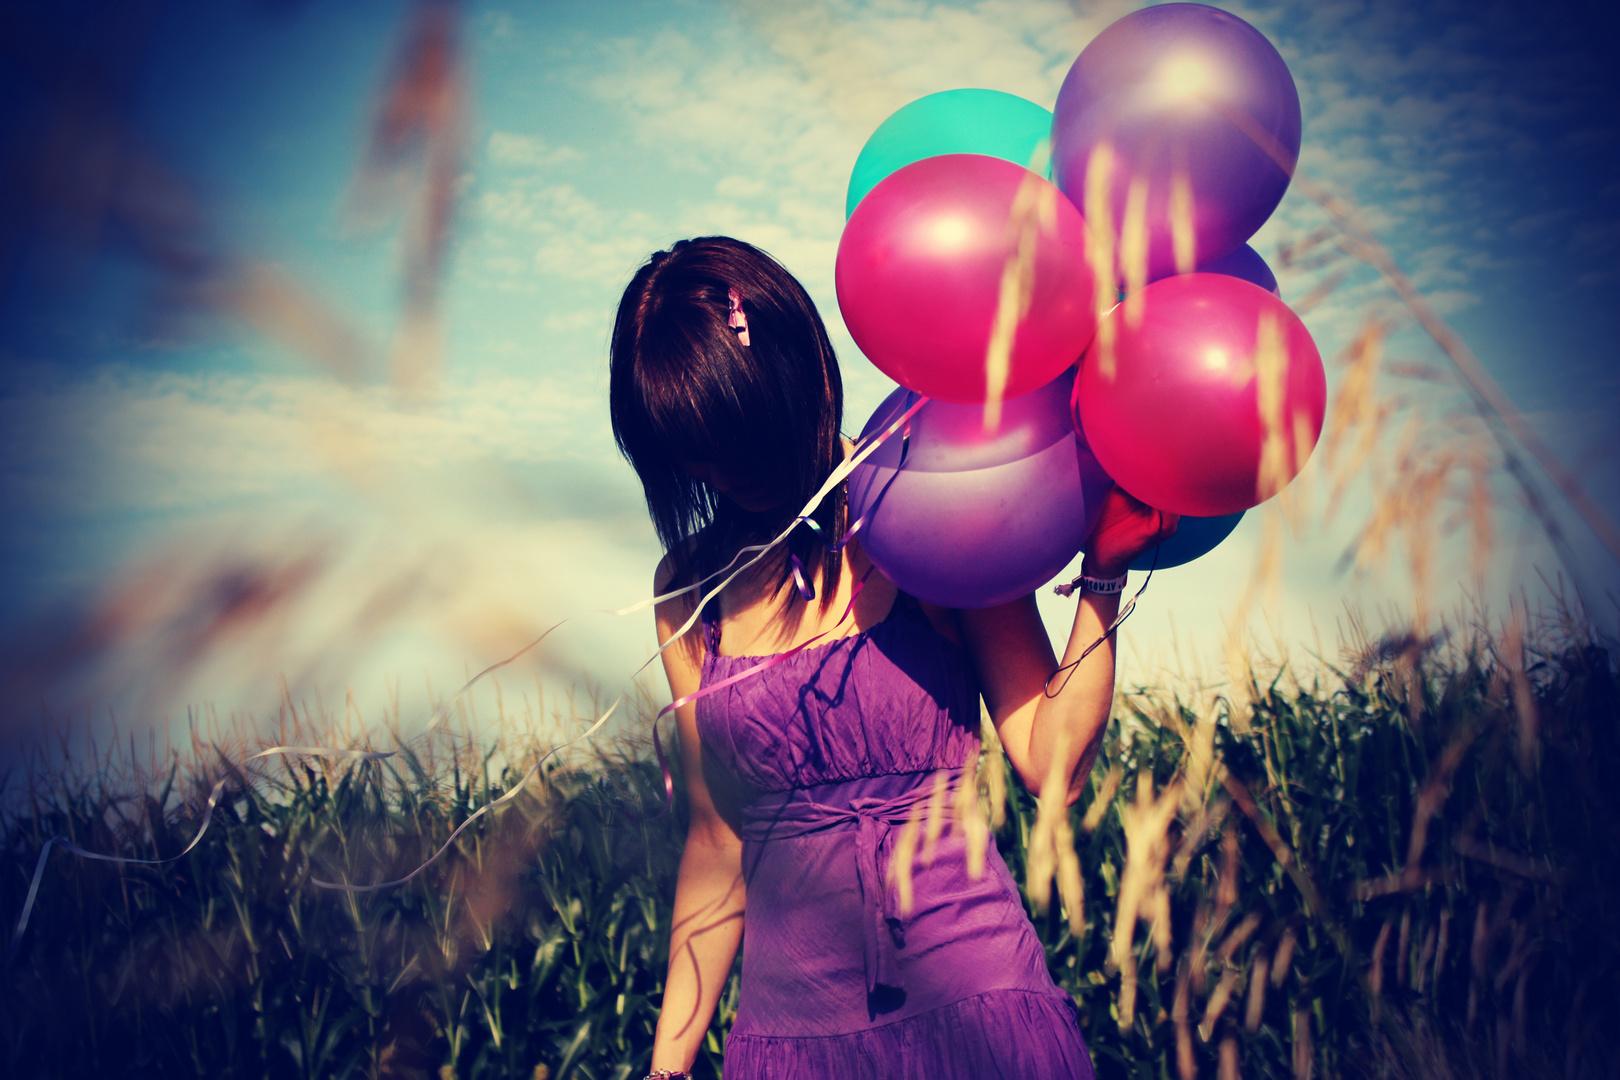 ...luftballon (4)...